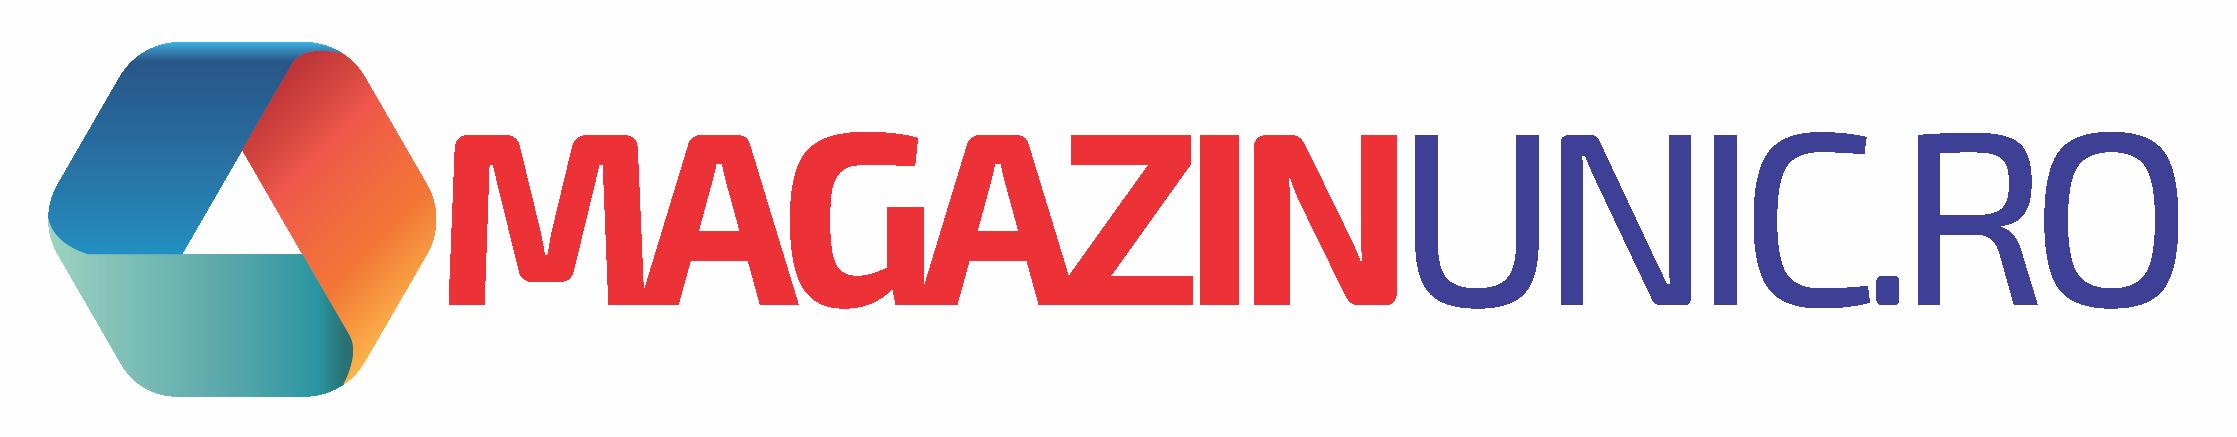 Magazin Unic